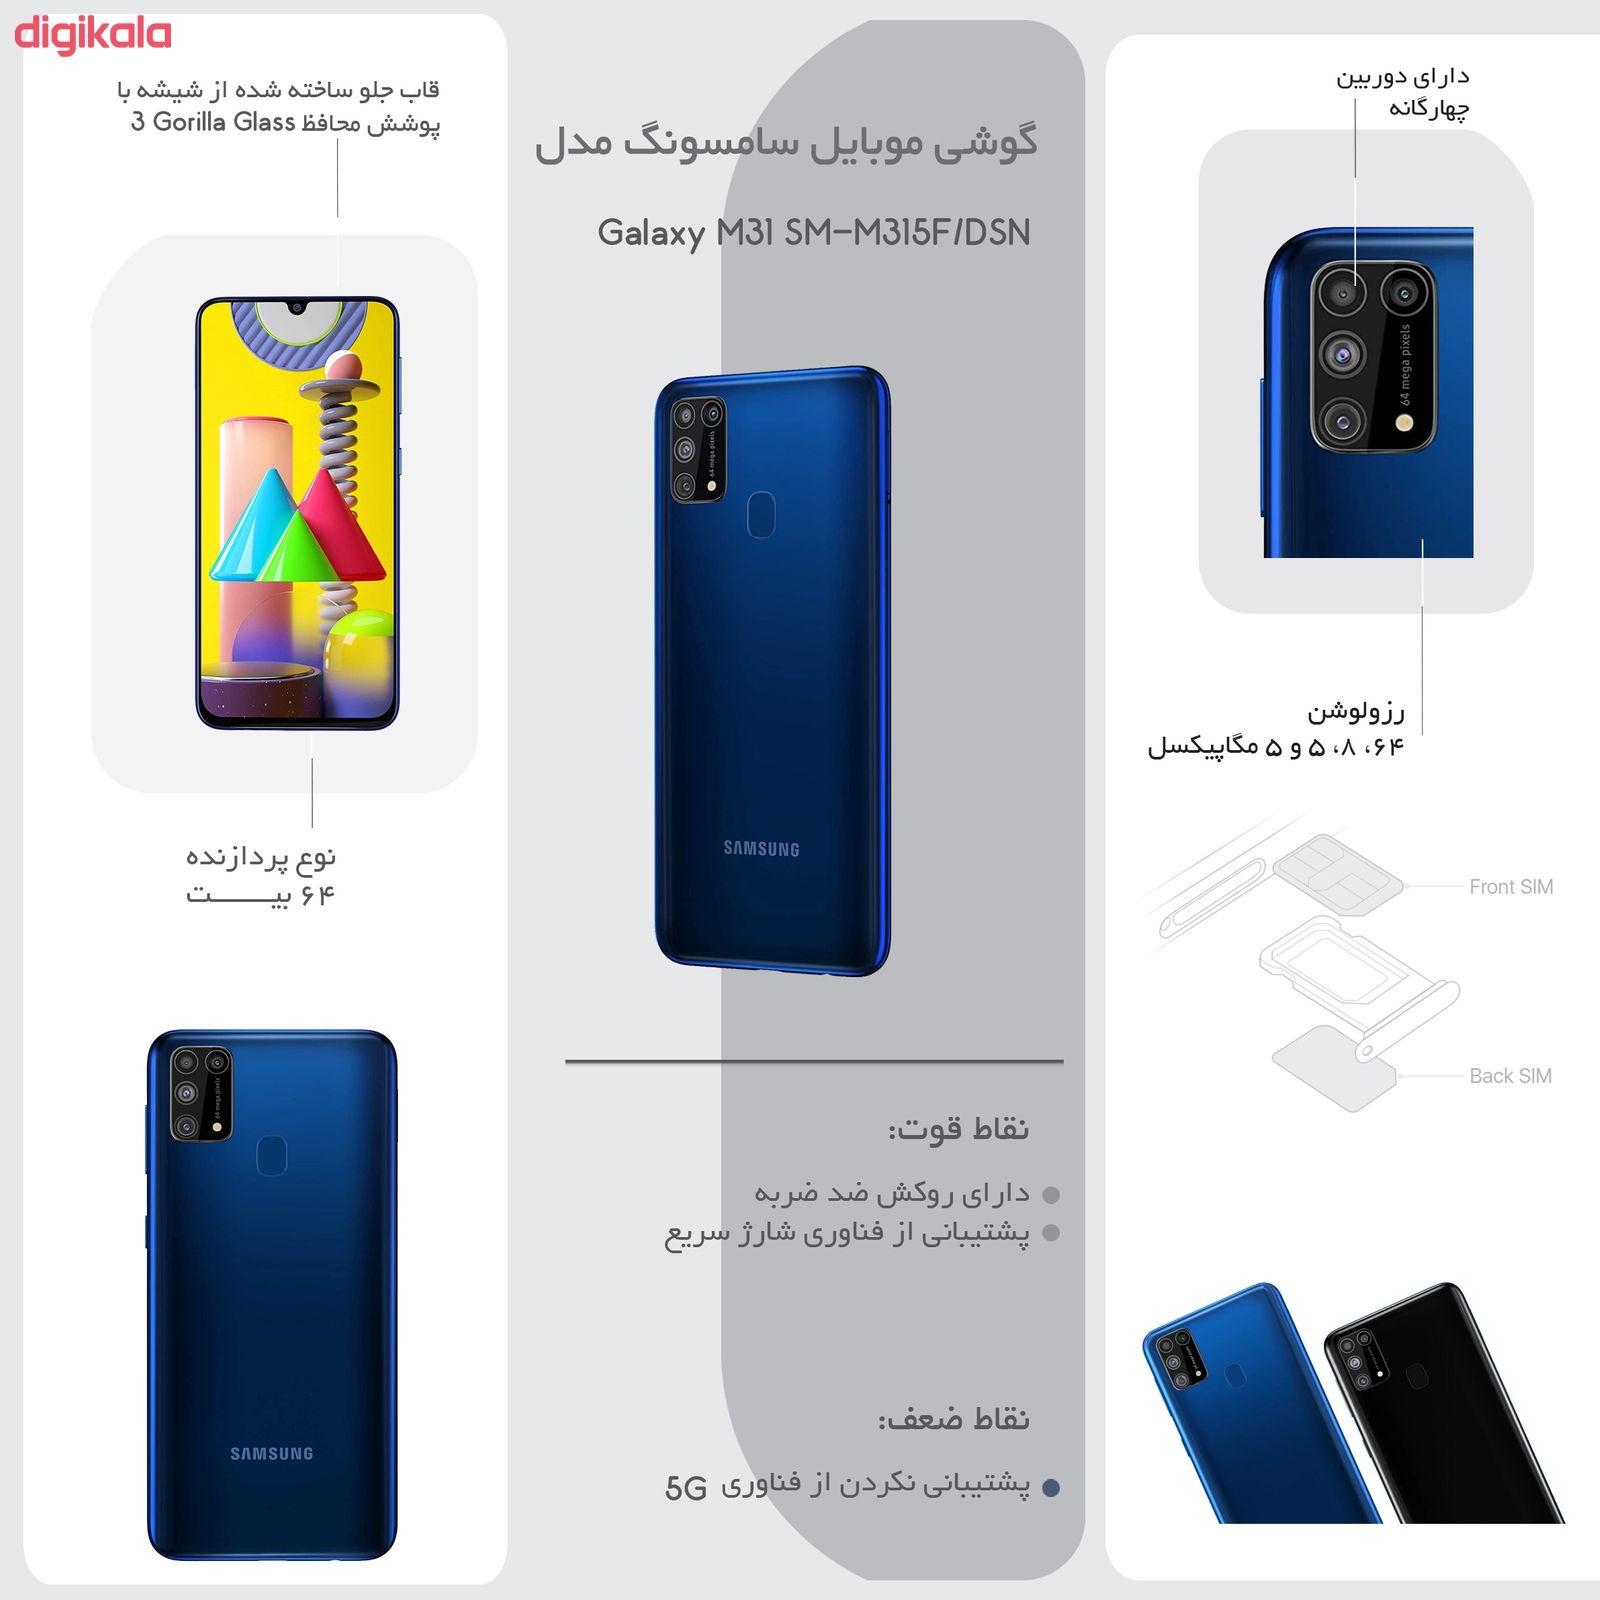 گوشی موبایل سامسونگ مدل Galaxy M31 SM-M315F/DSN دو سیم کارت ظرفیت 128گیگابایت  main 1 18